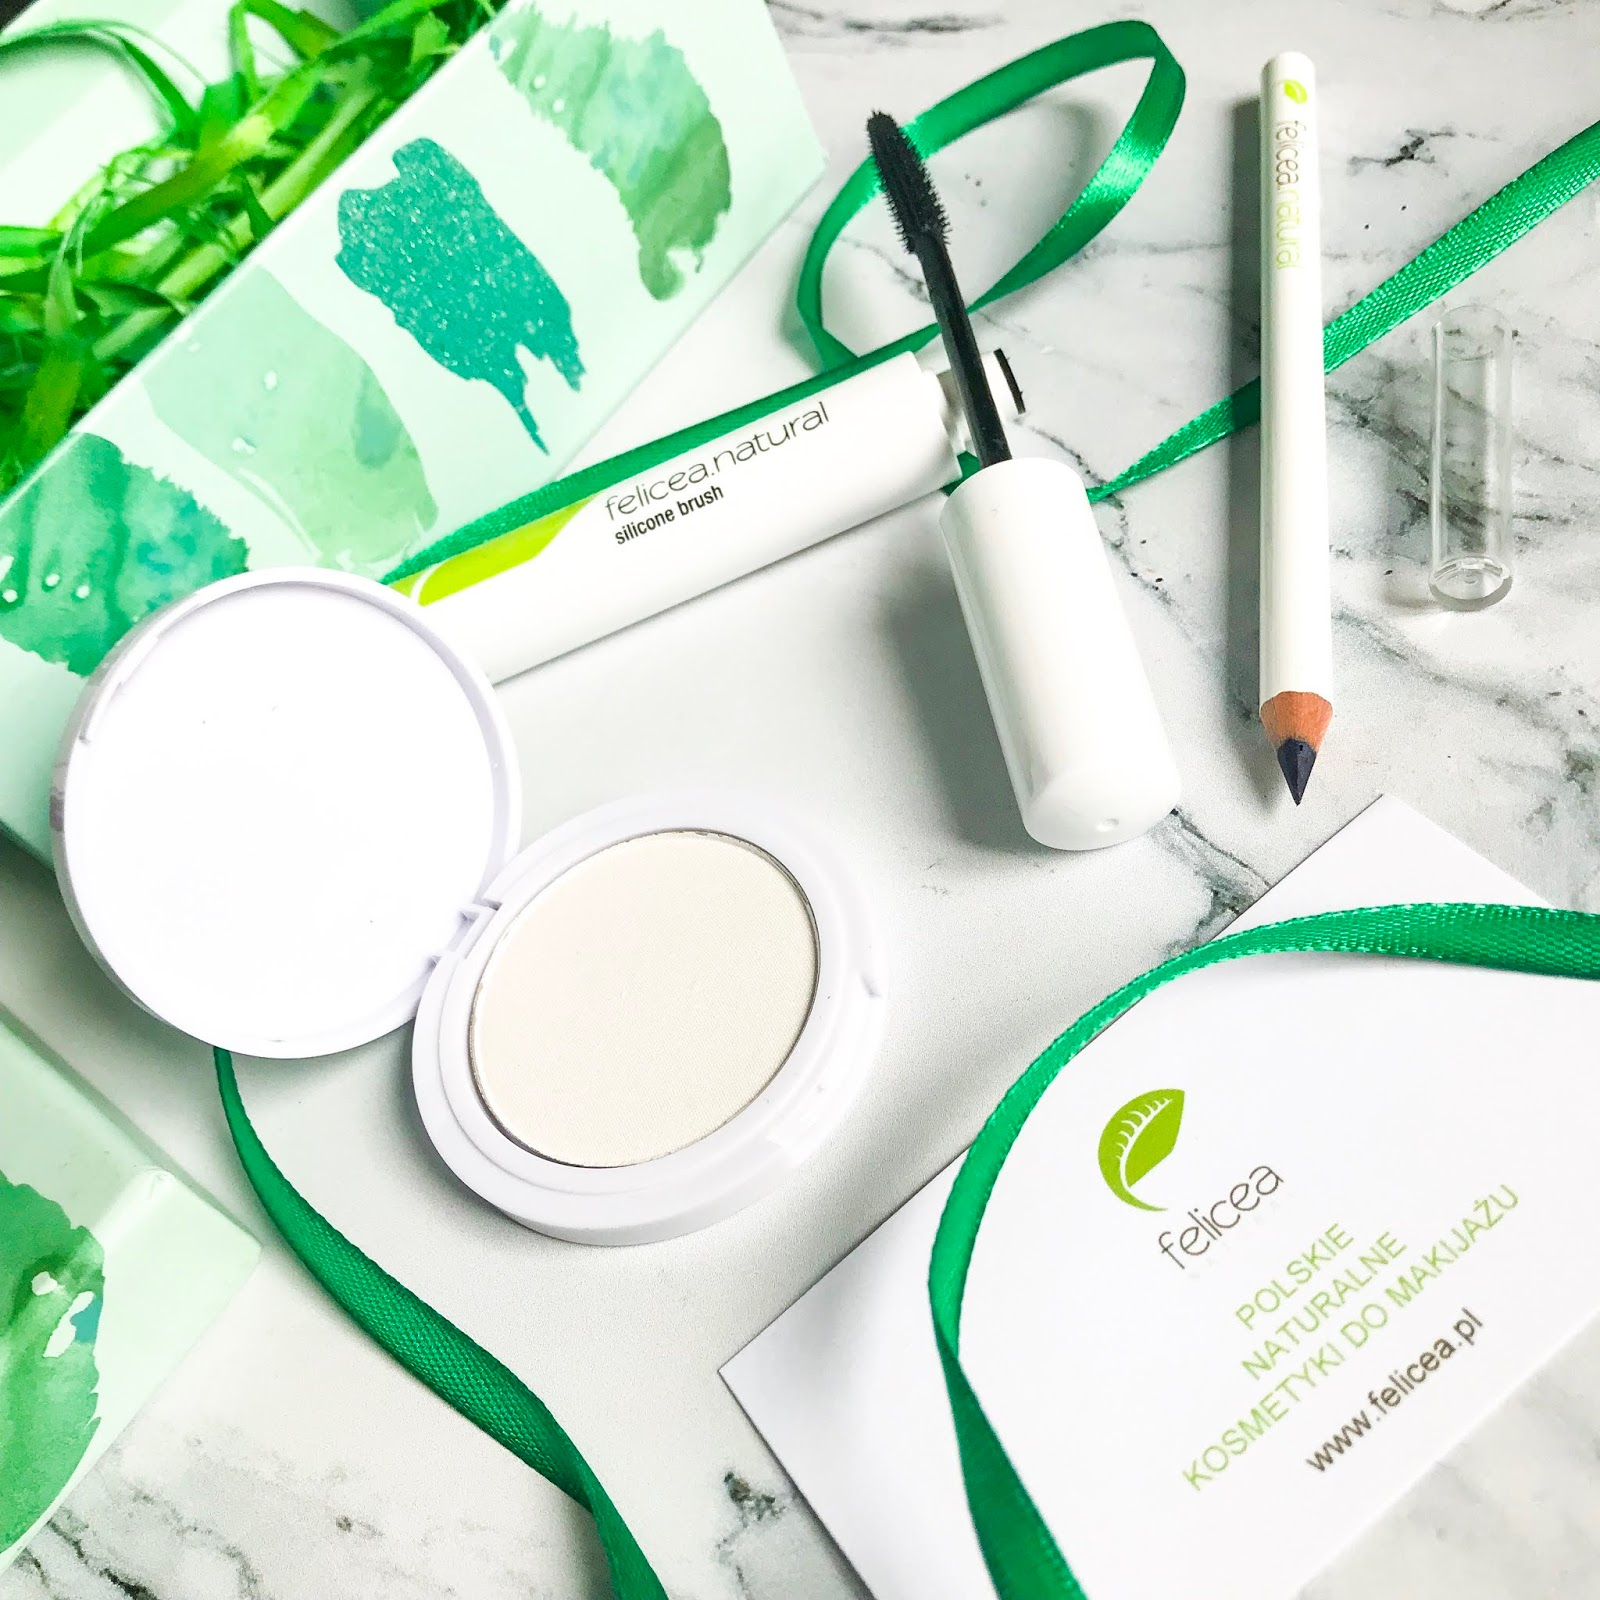 Naturalne kosmetyki do makijażu - polska marka Felicea recenzja